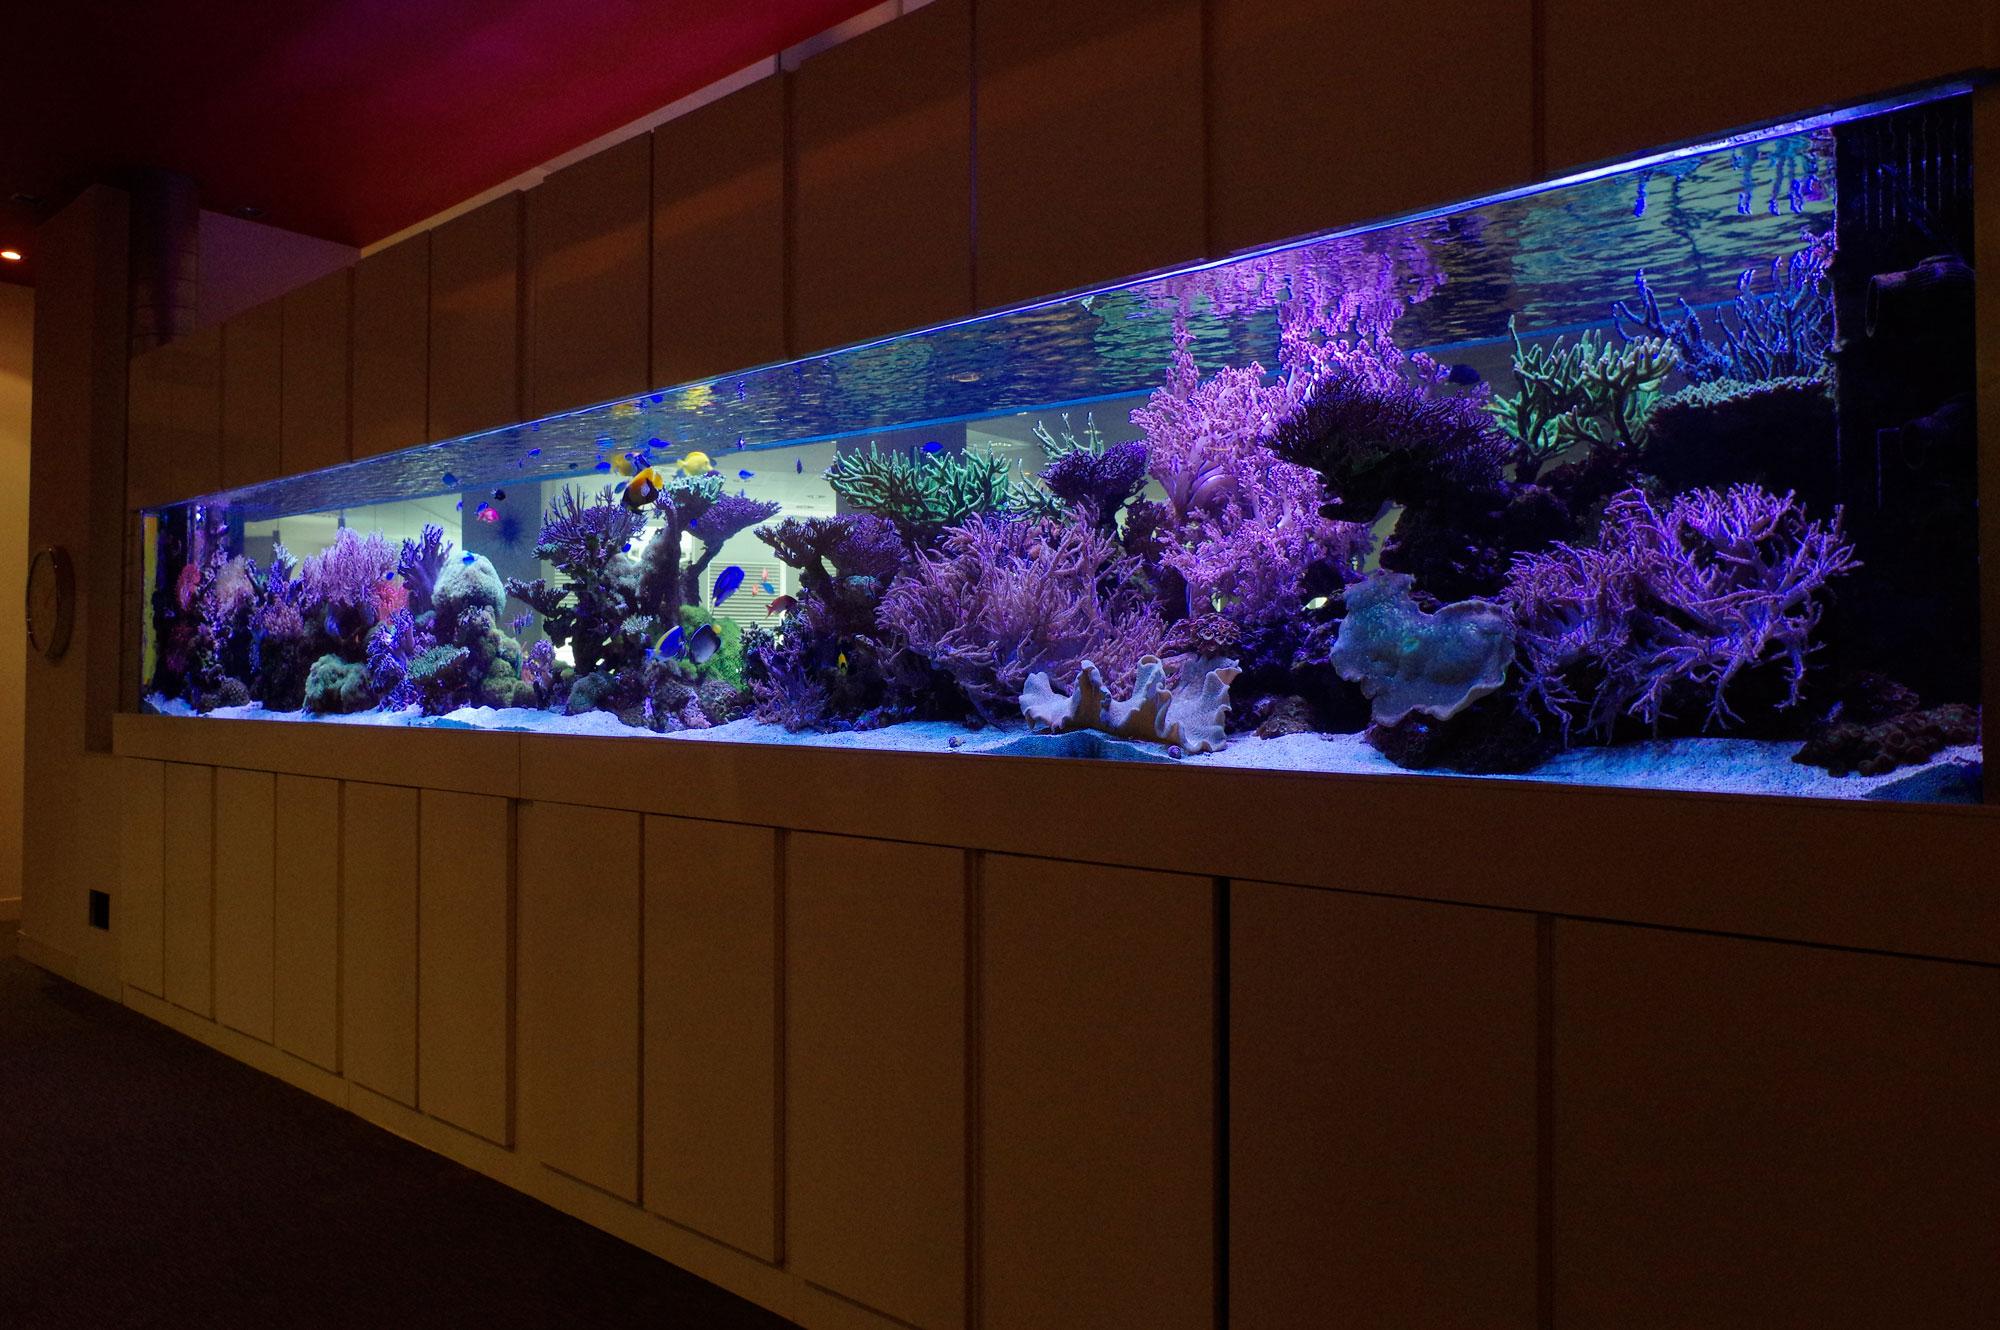 Aquarium d interieur design ils donneront votre intrieur for Aquarium interieur